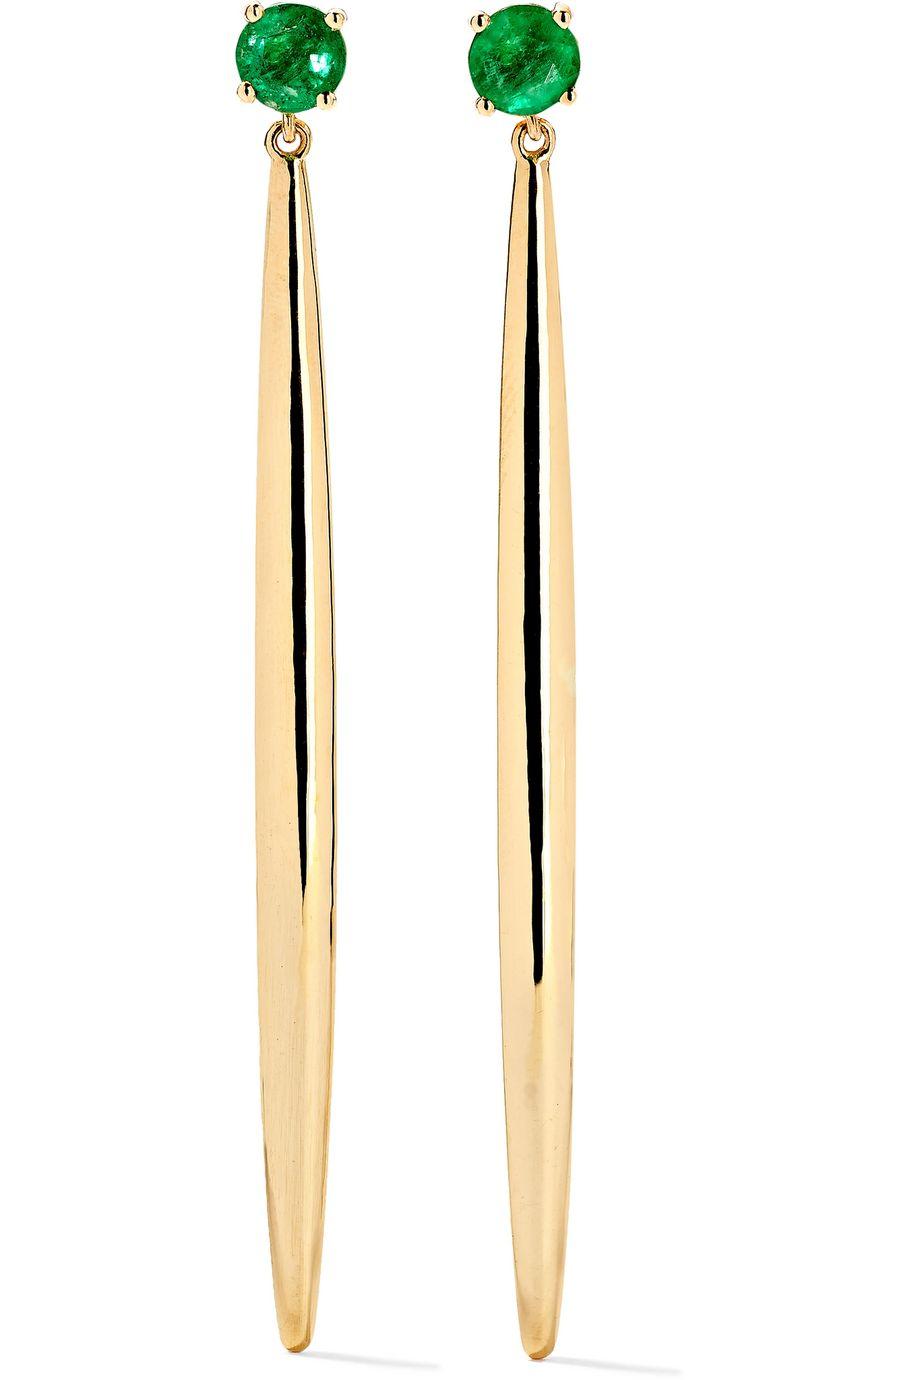 Ileana Makri Grass Ohrringe aus 18 Karat Gold mit Smaragden